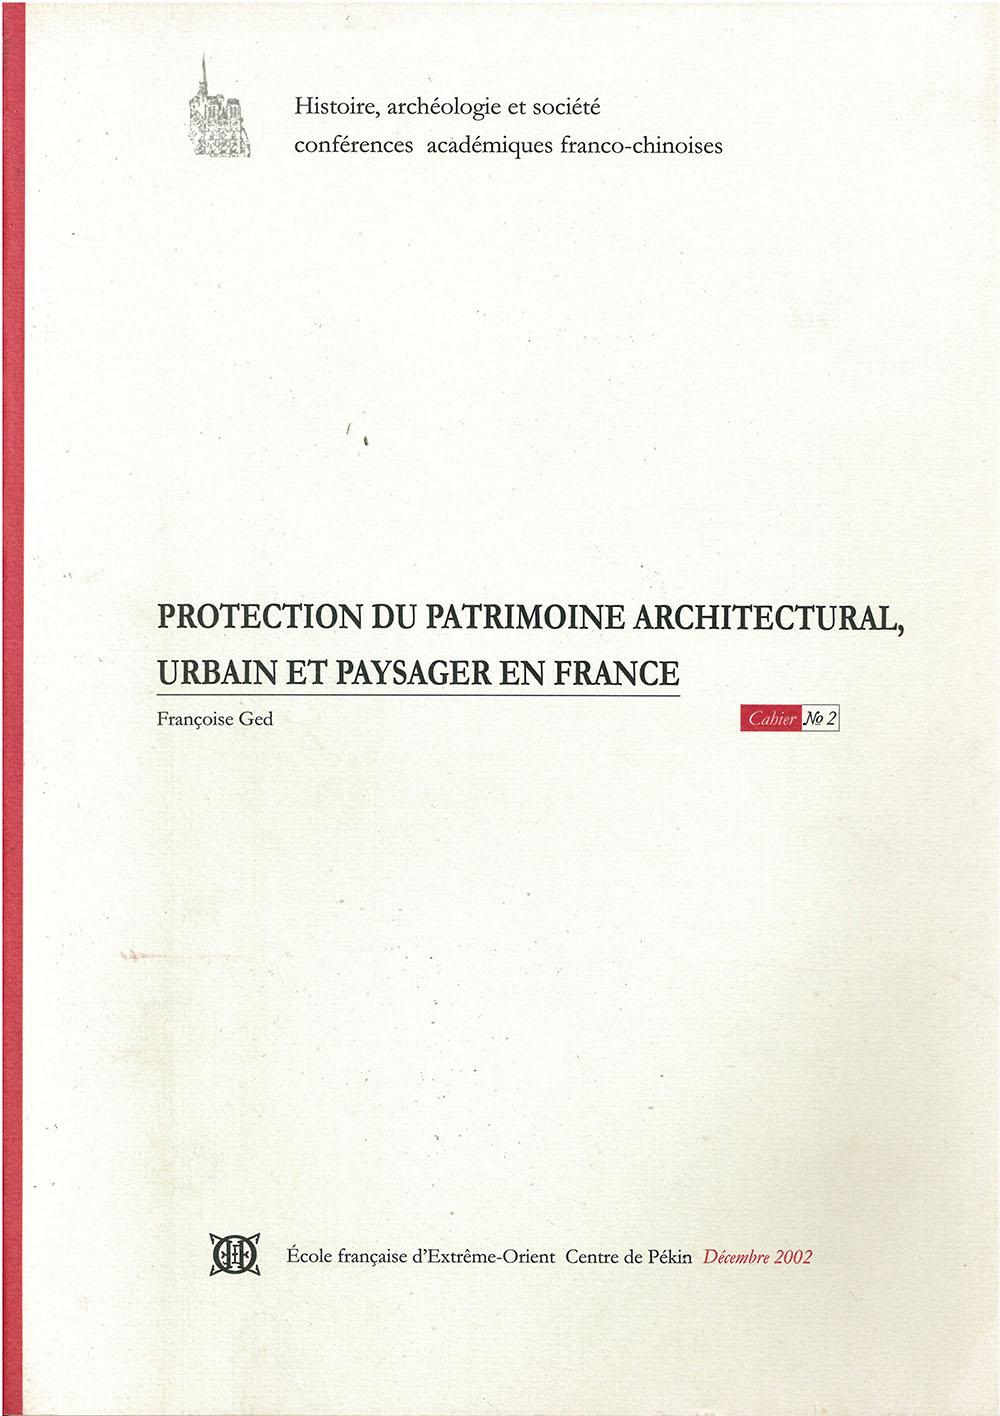 Protection du patrimoine architectural, urbain et paysager en France = Faguo de jianzhu chengshi he jingguan yichan baohu